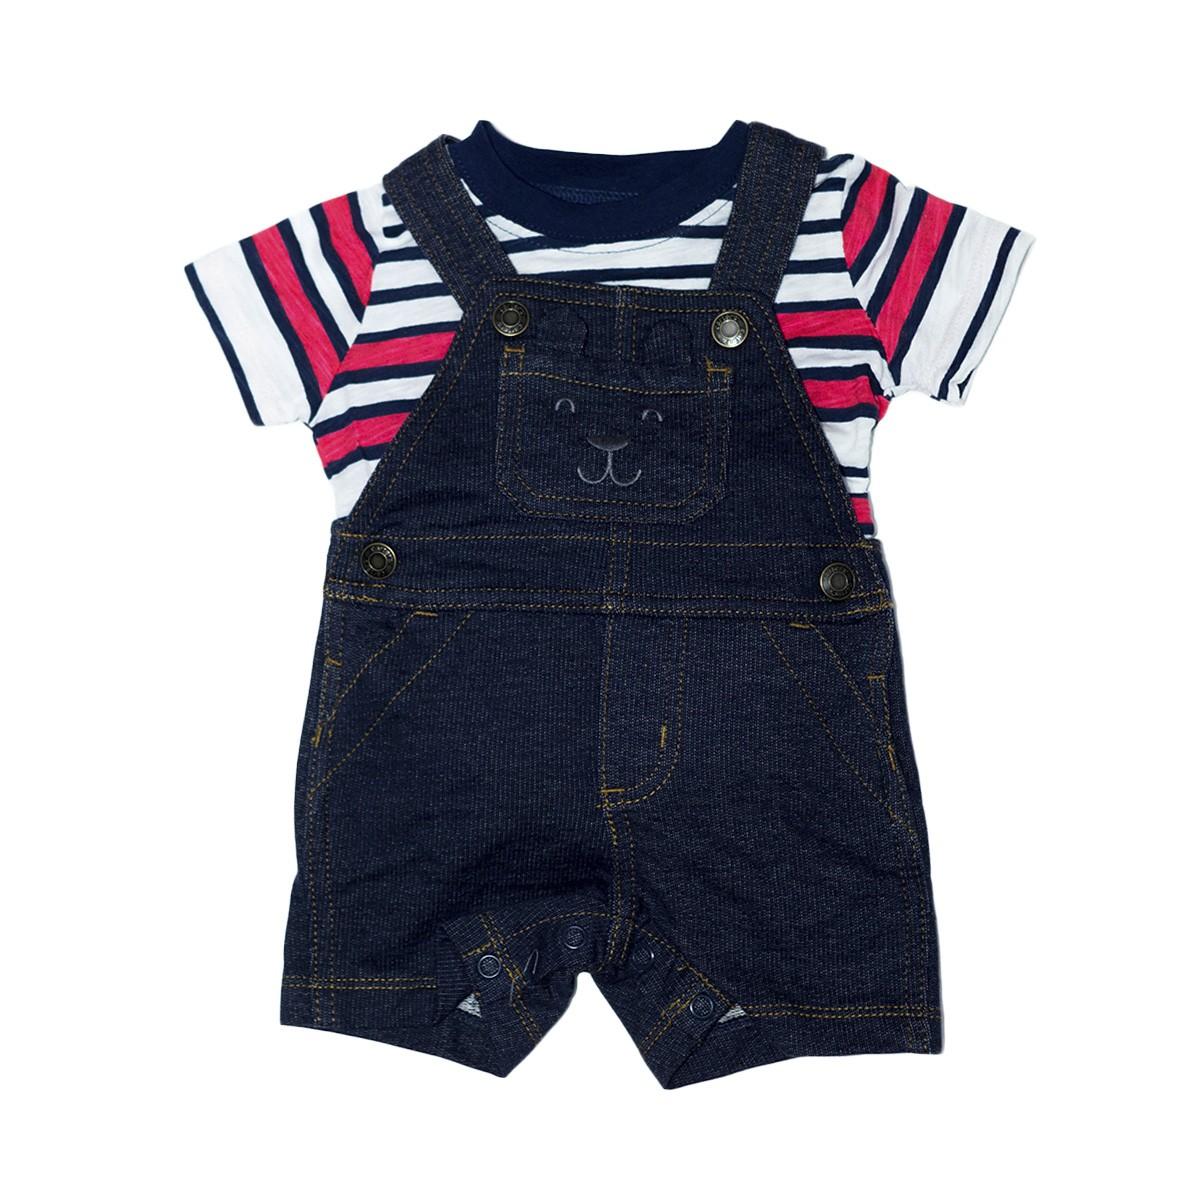 c1bfb67868 Conjunto 2 Peças Carter s Jardineira Jeans Urso - Center 4 baby ...